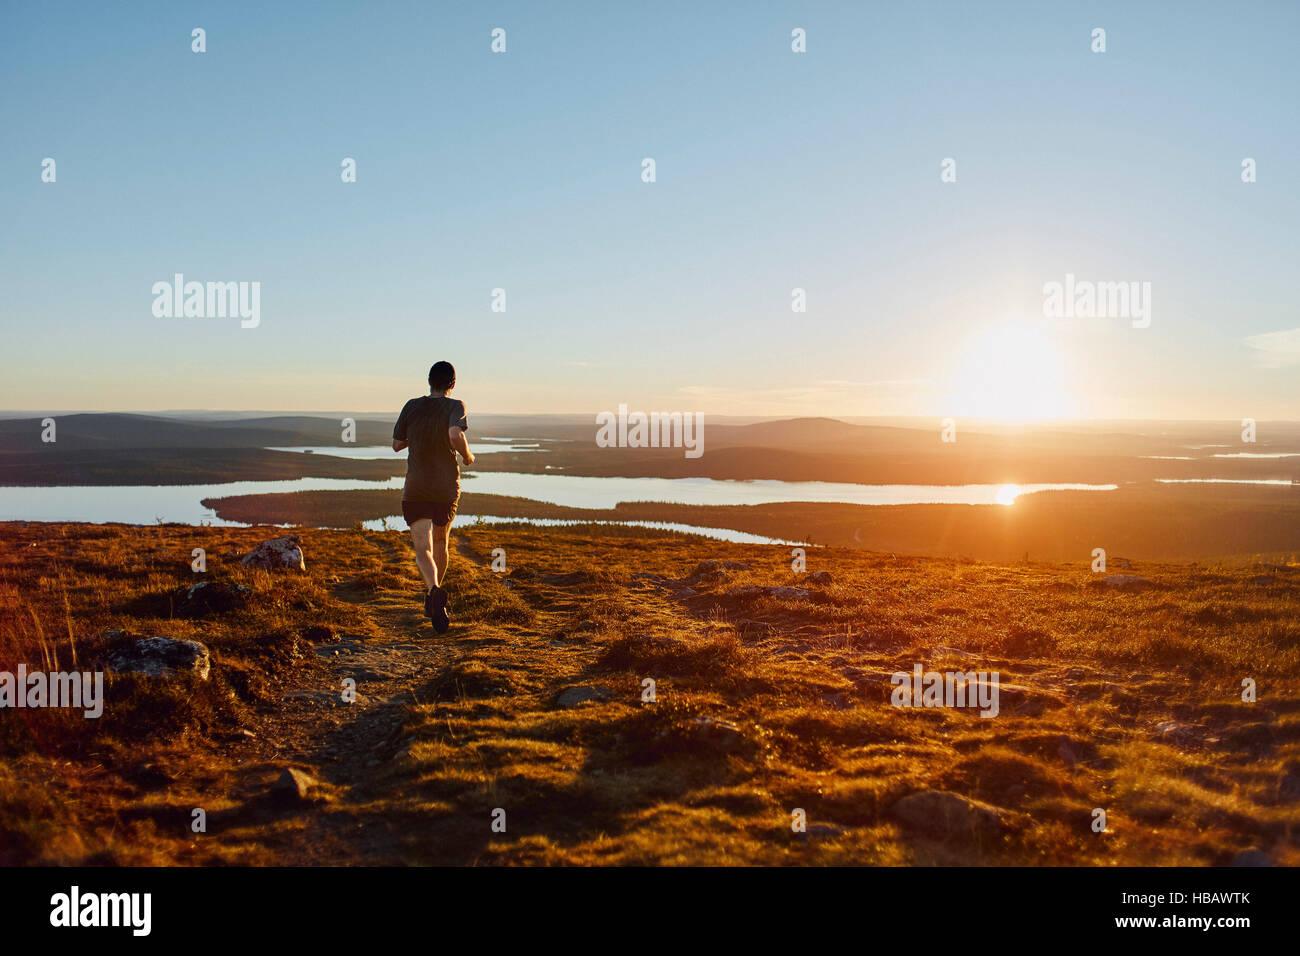 Man running on cliff top at sunset, Keimiotunturi, Lapland, Finland - Stock Image